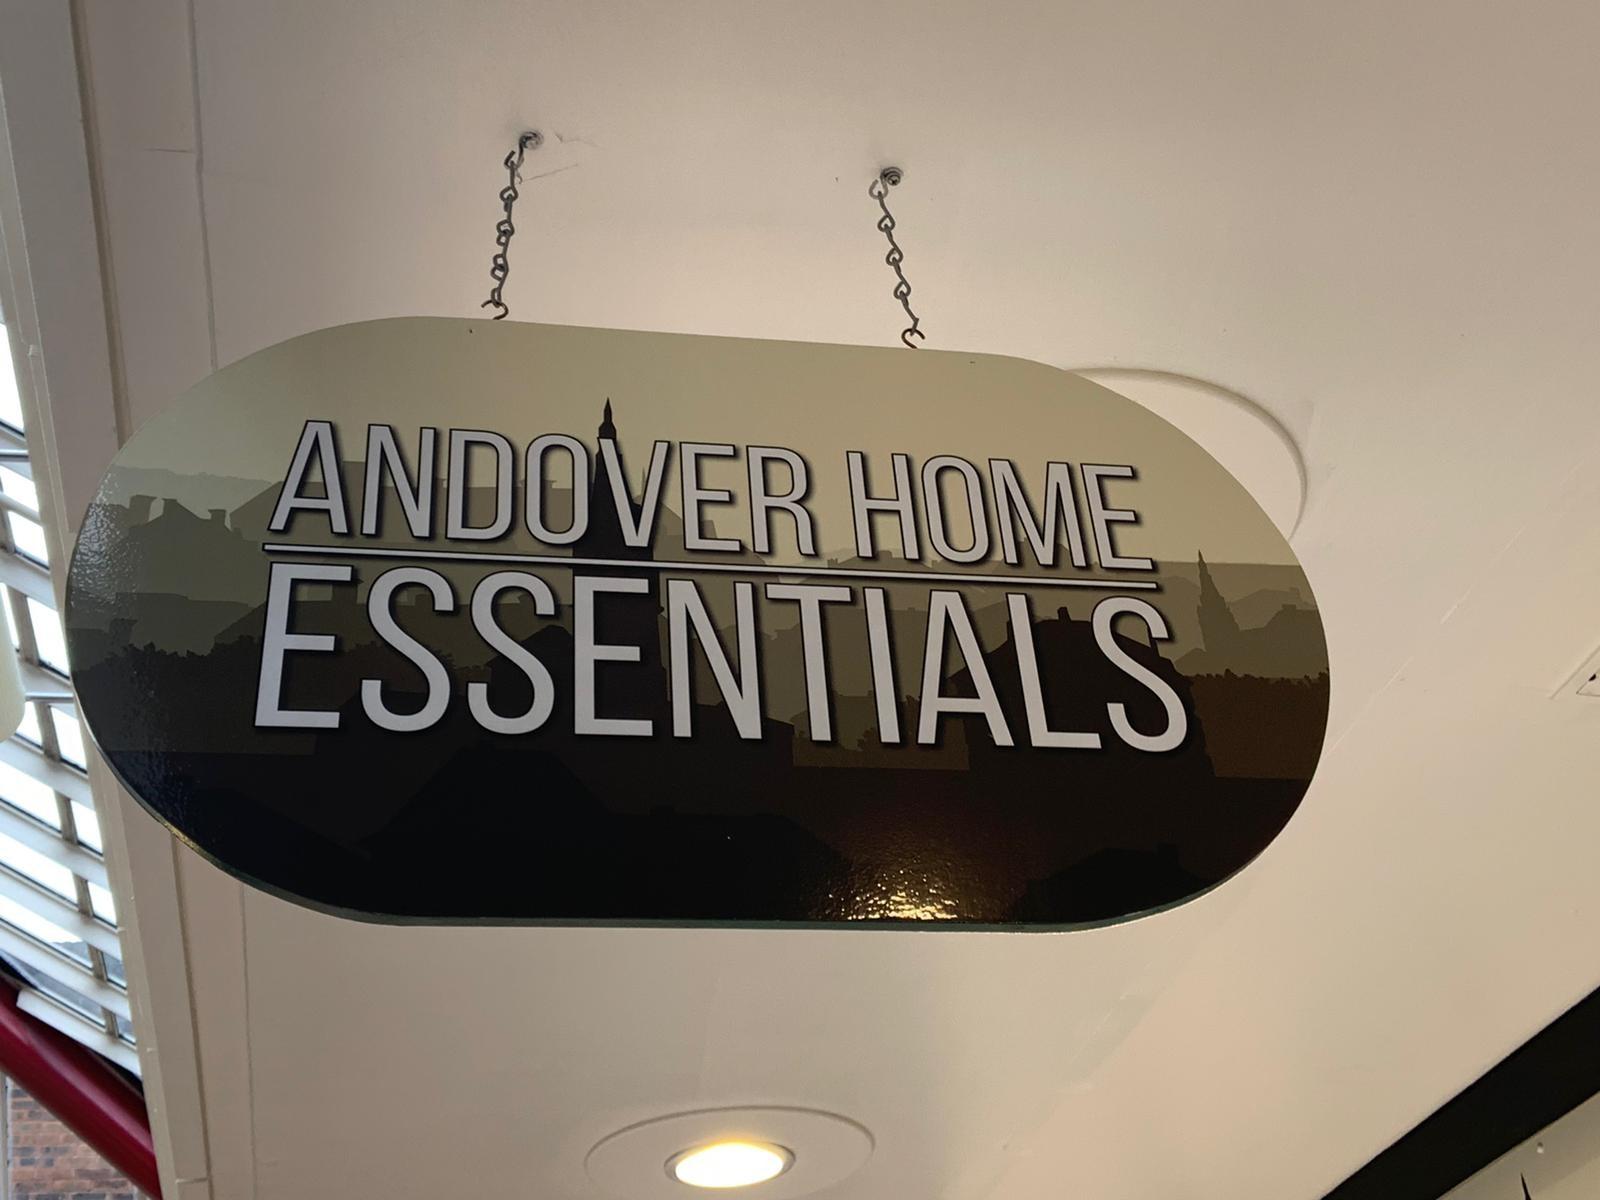 Andover Home Essentials